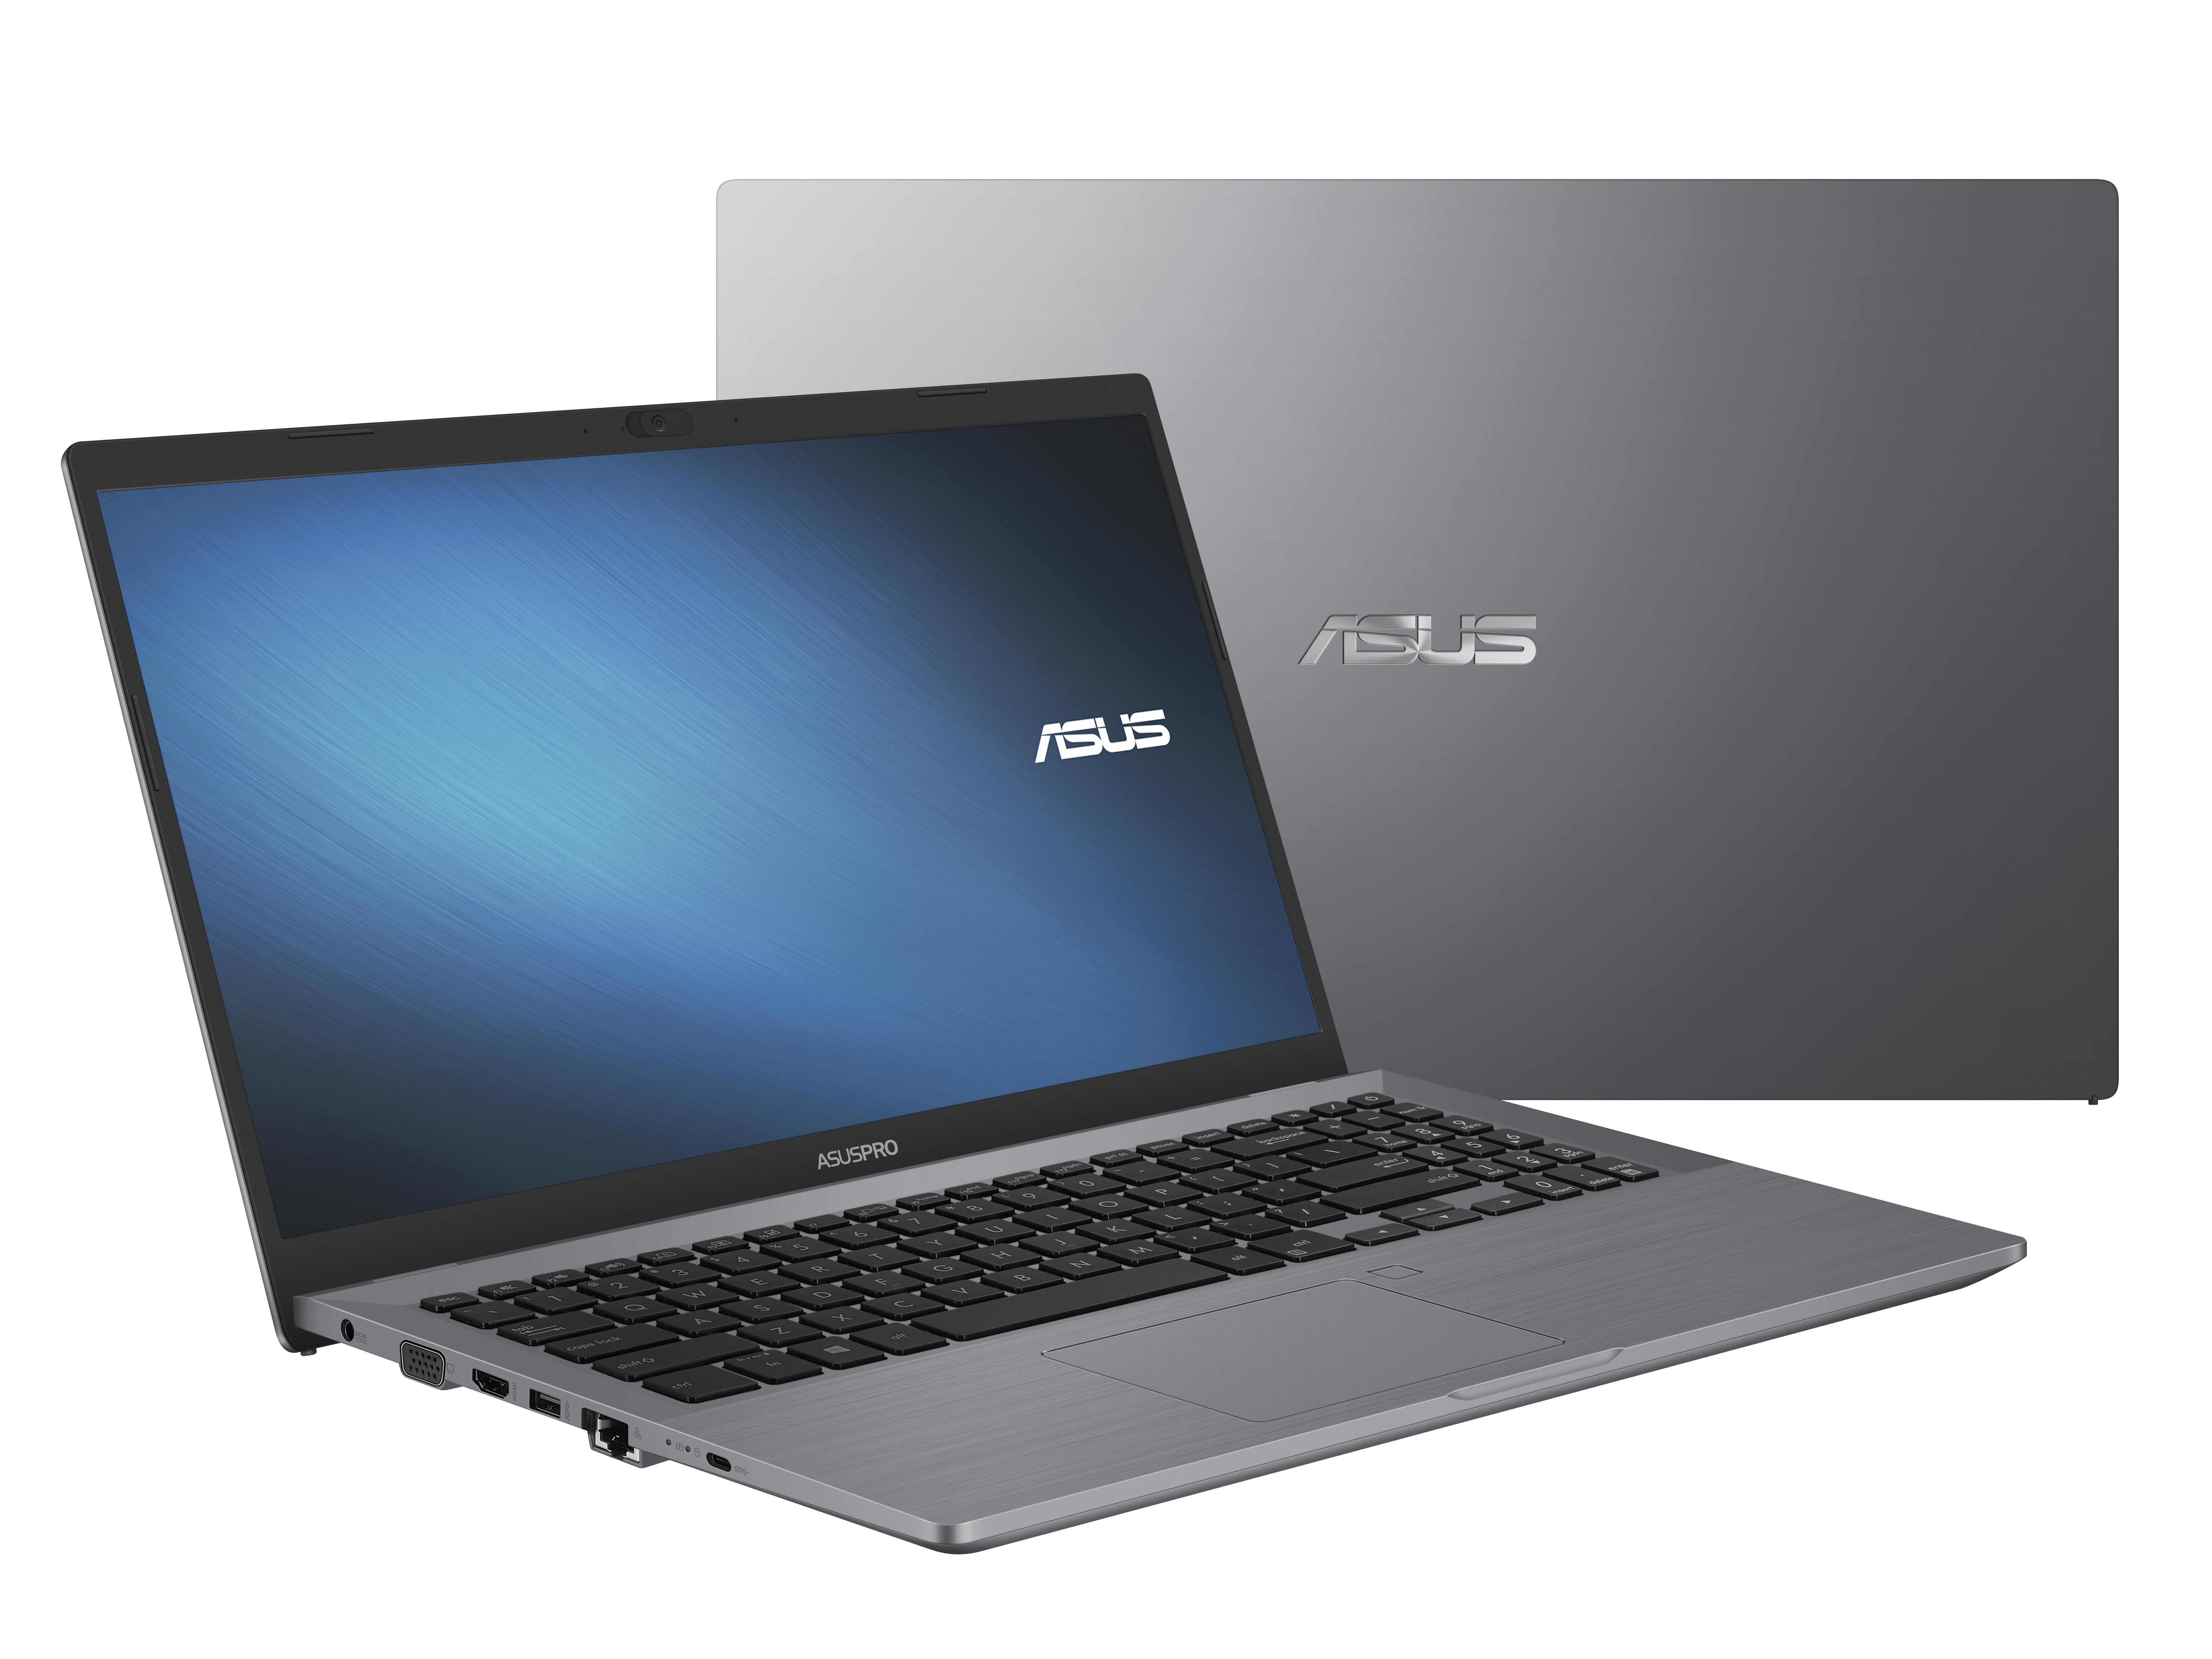 Asus pro p3540fa i3-8145u 15,6